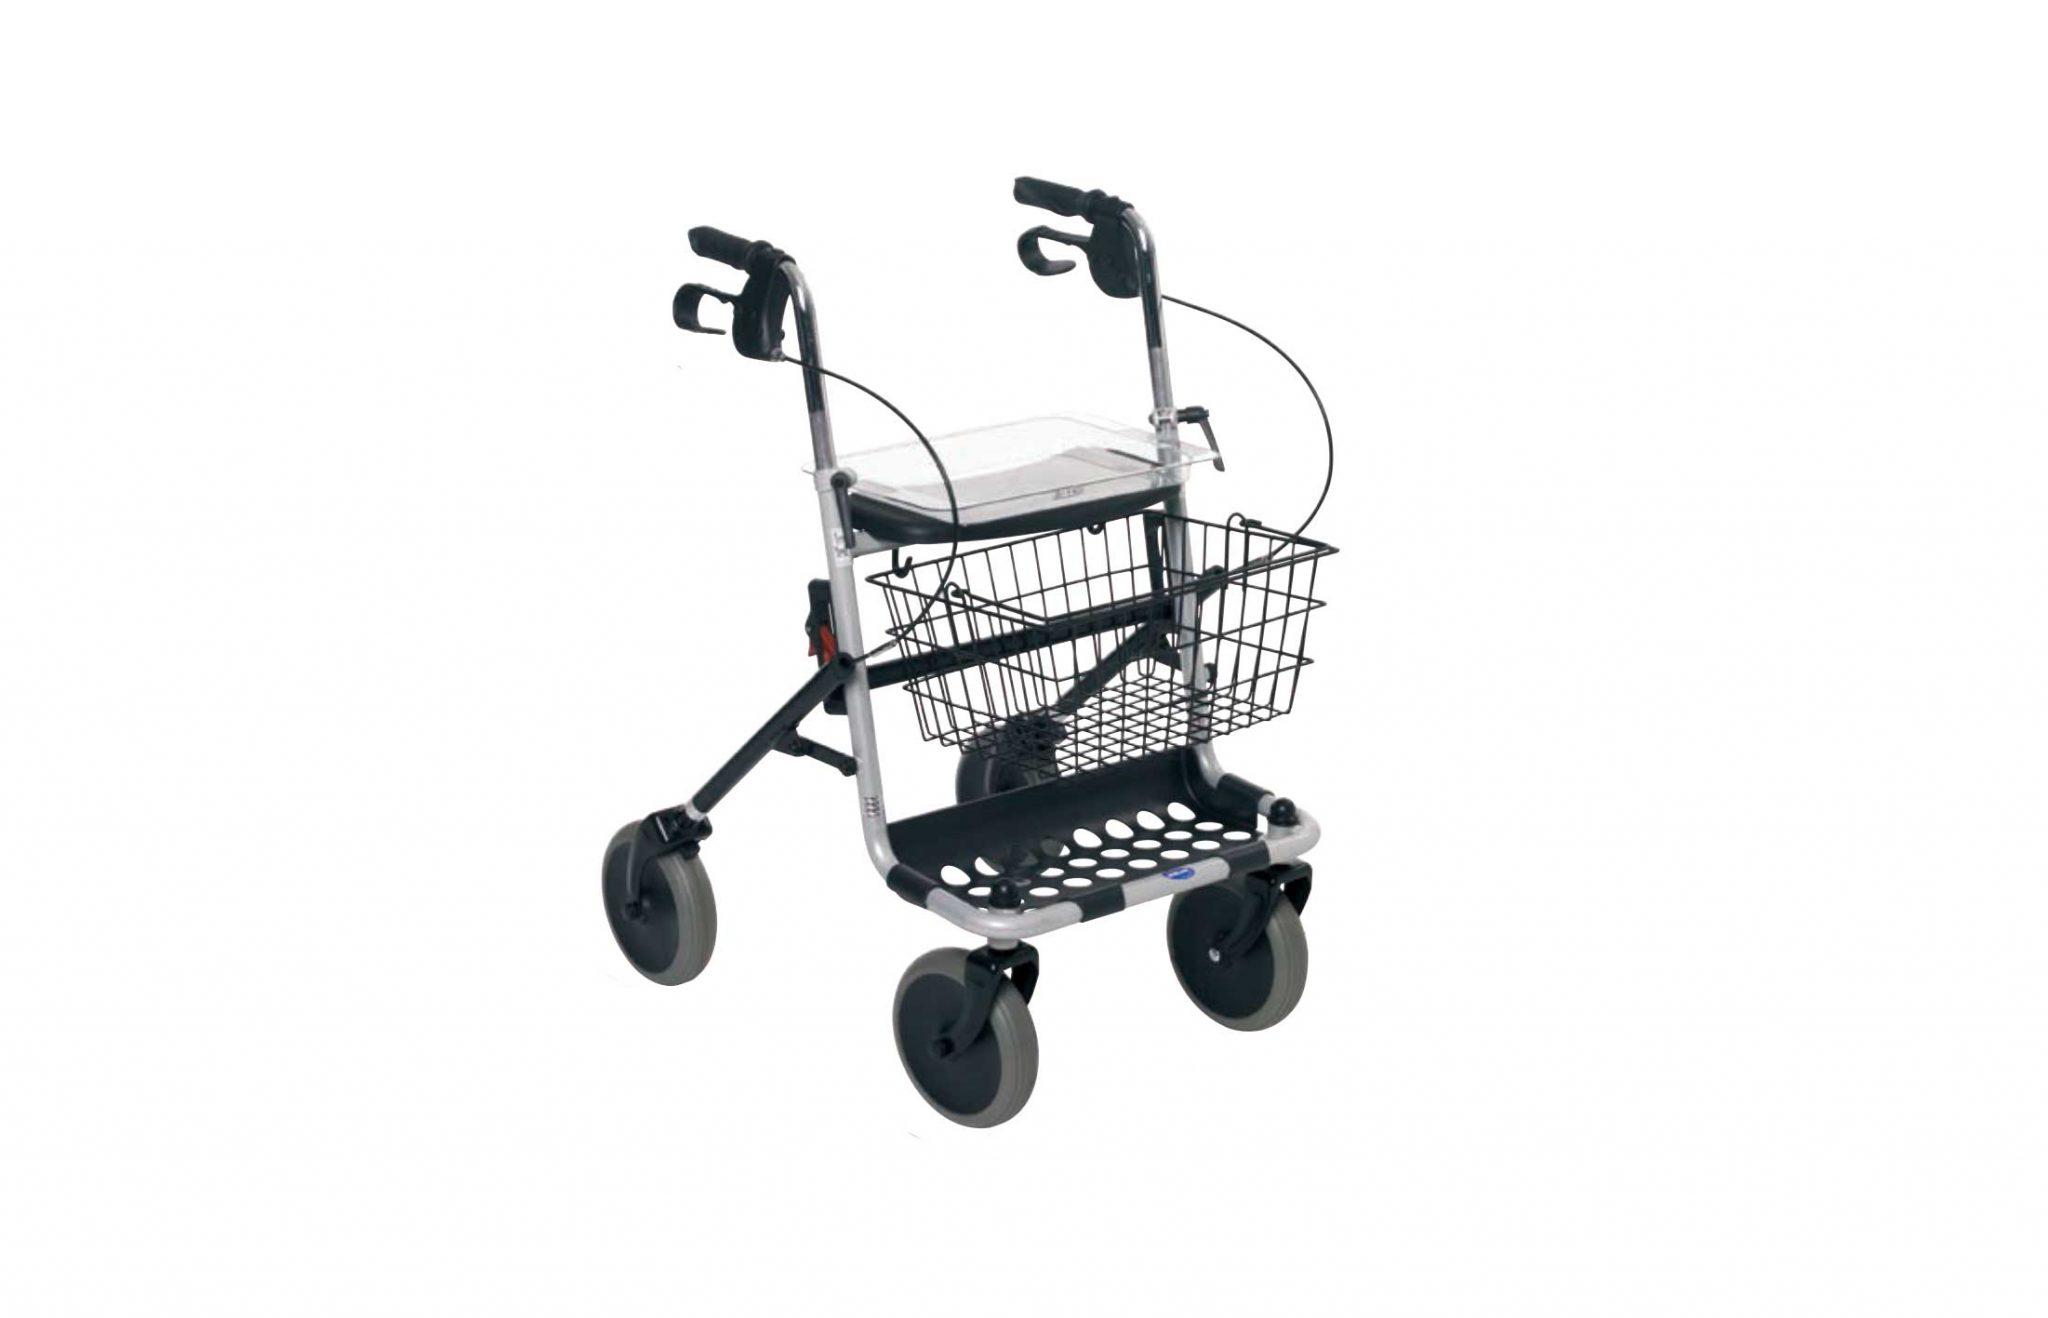 Andarilho de rodas, com tabuleiro e cesto, visto de perfil